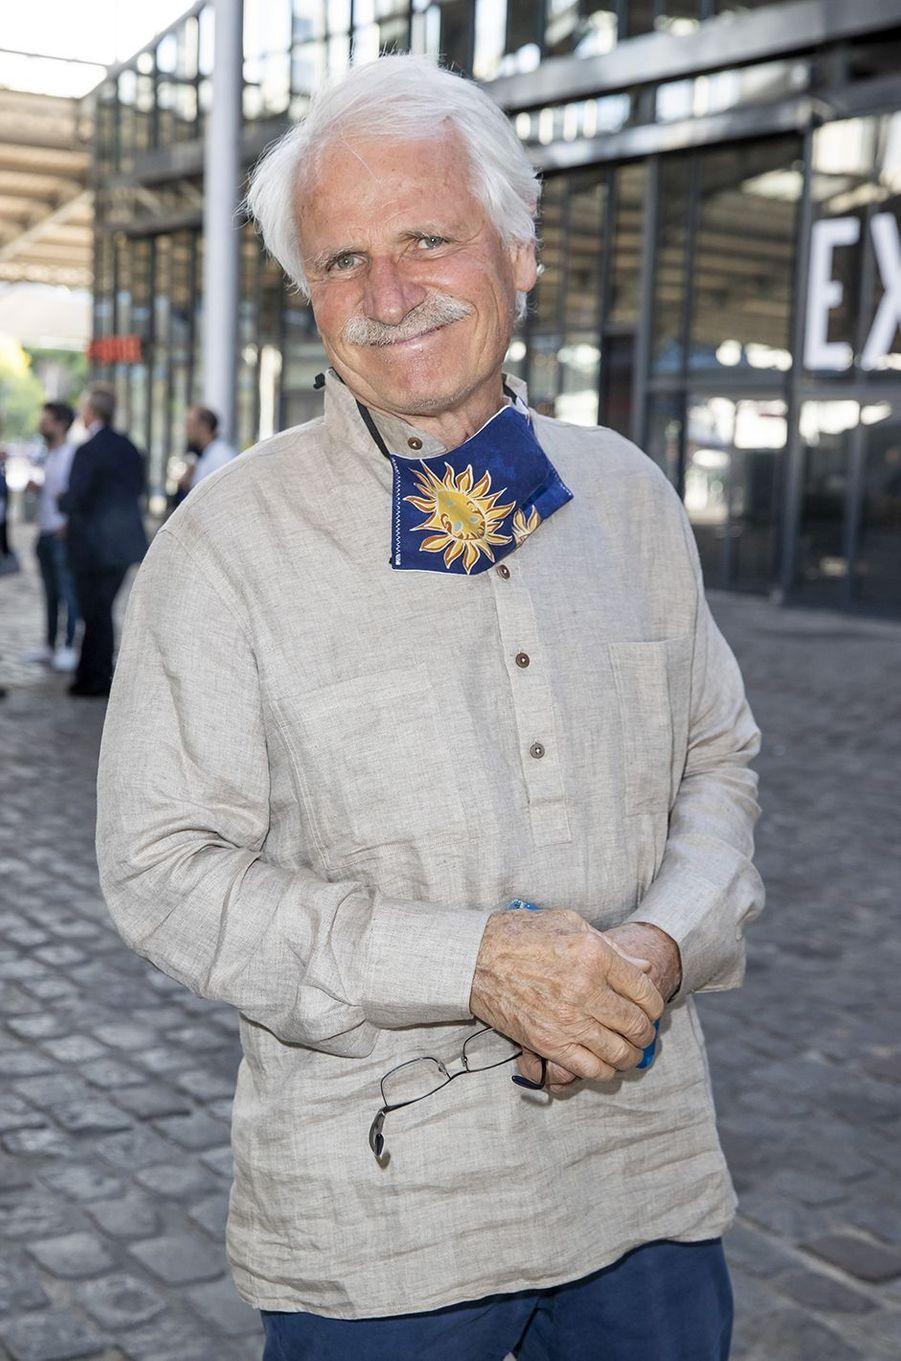 Yann Arthus-Bertrandà l'exposition Jam Capsule à la Villette à Paris le 22 juin 2020